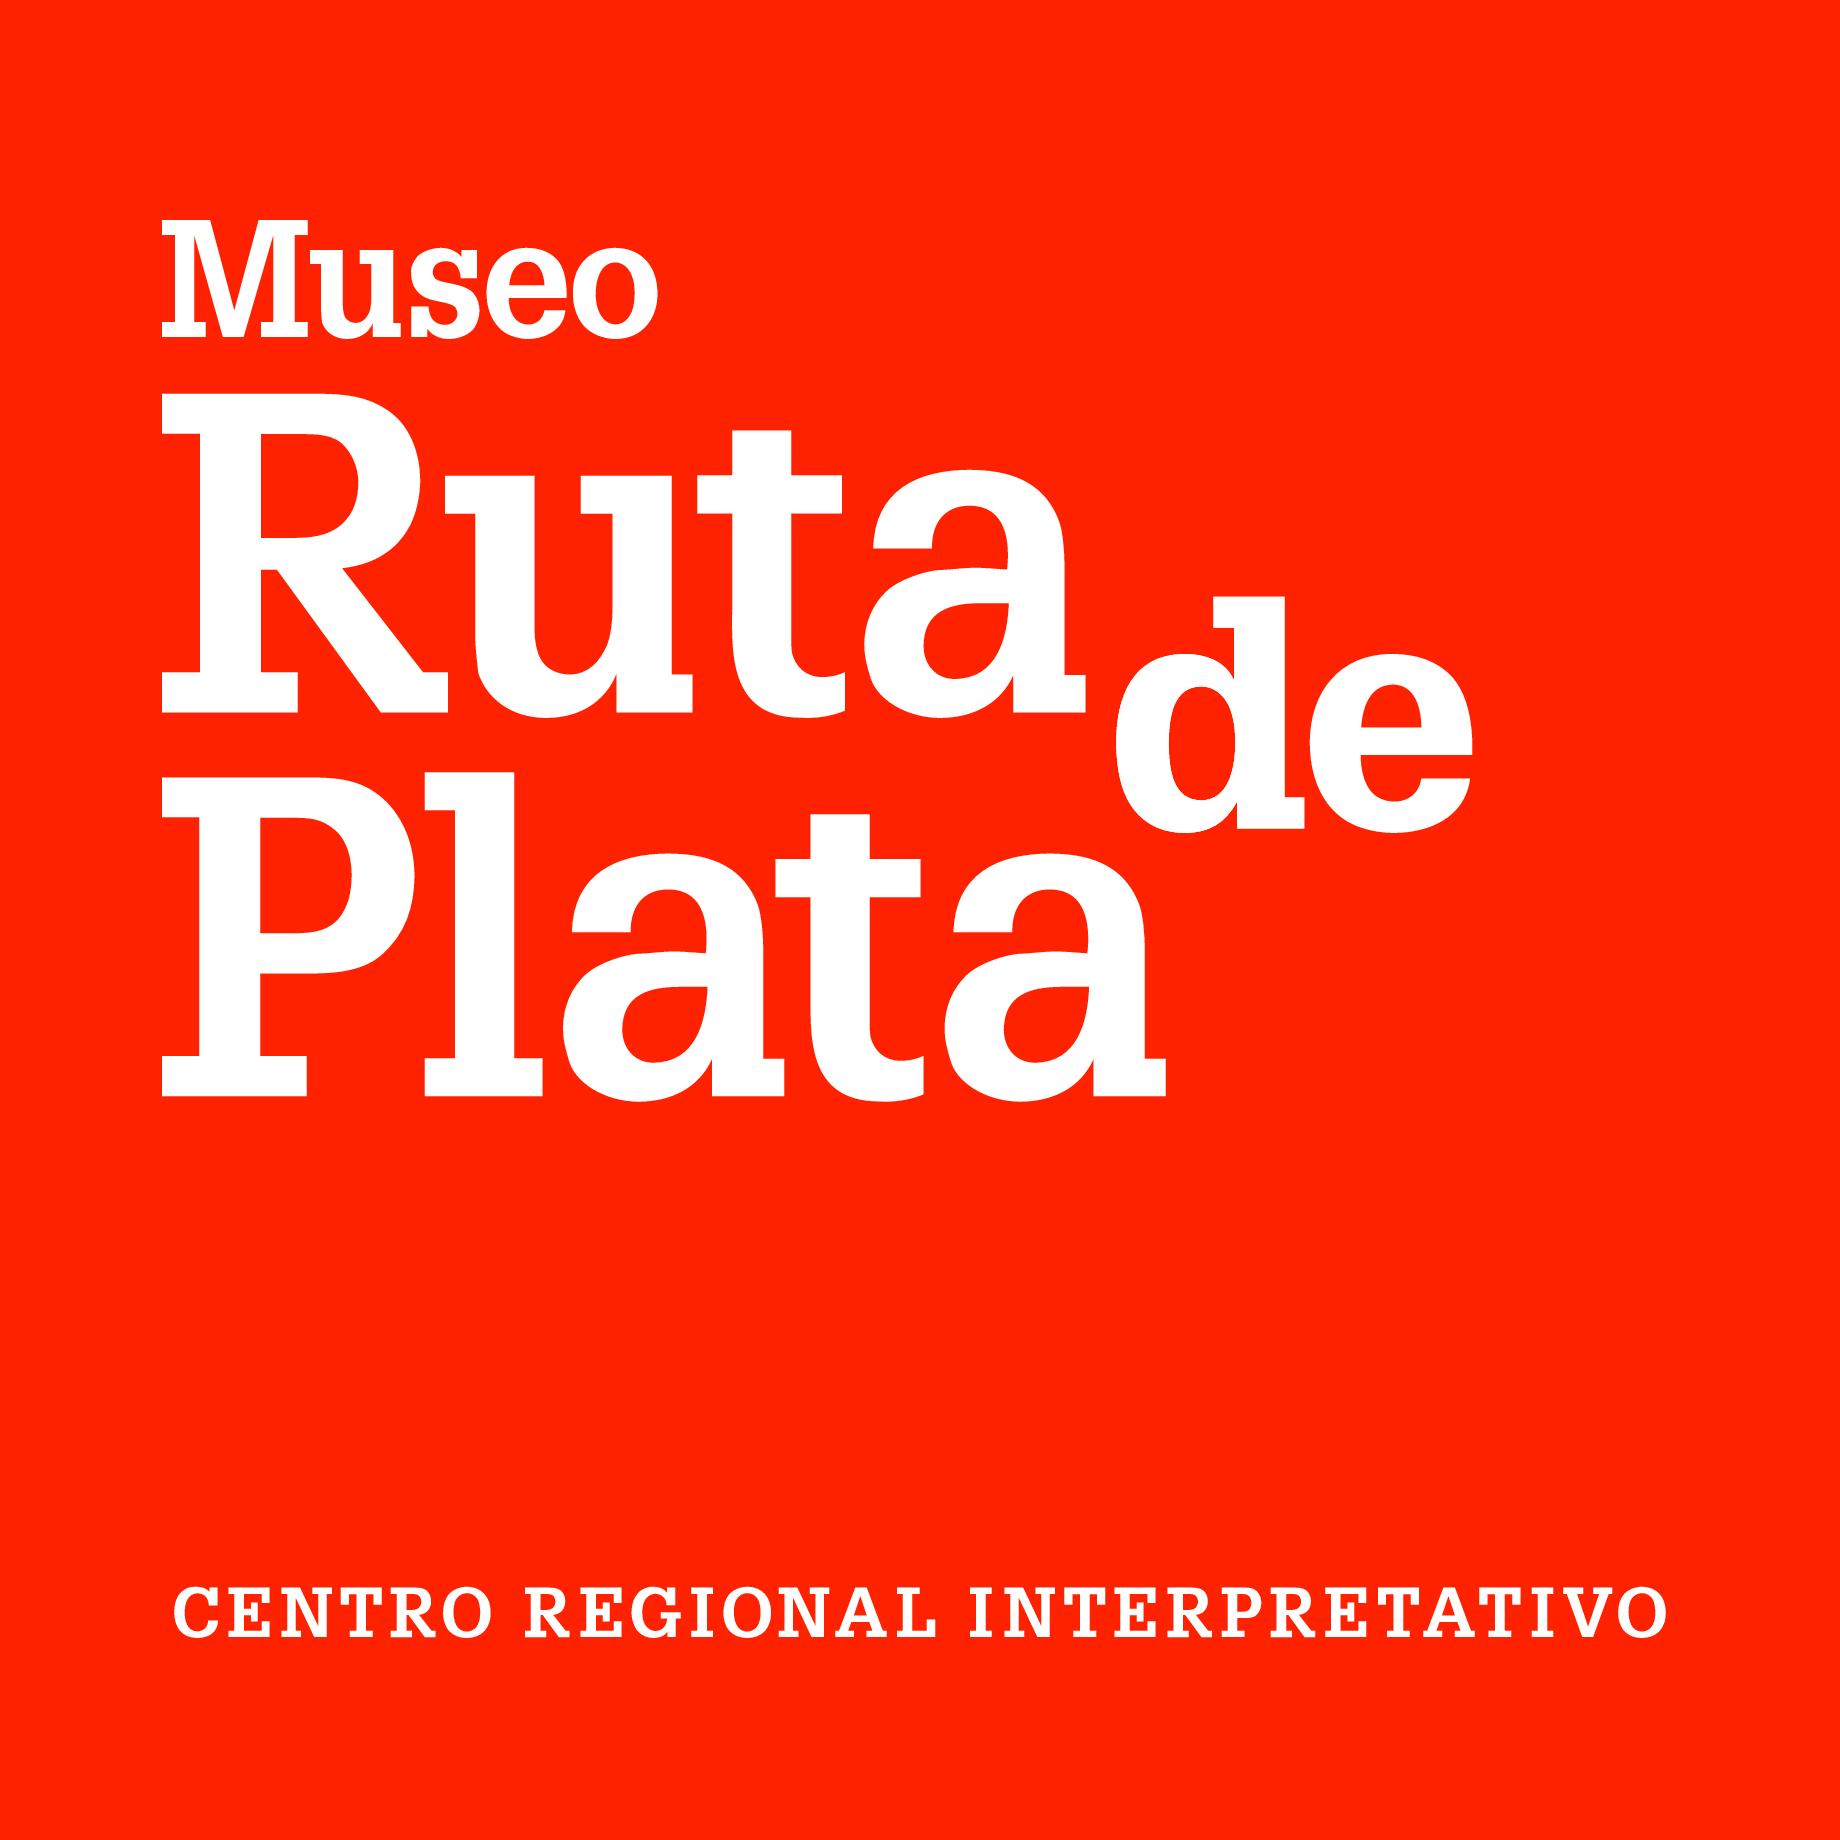 museo-ruta-de-plata.jpg